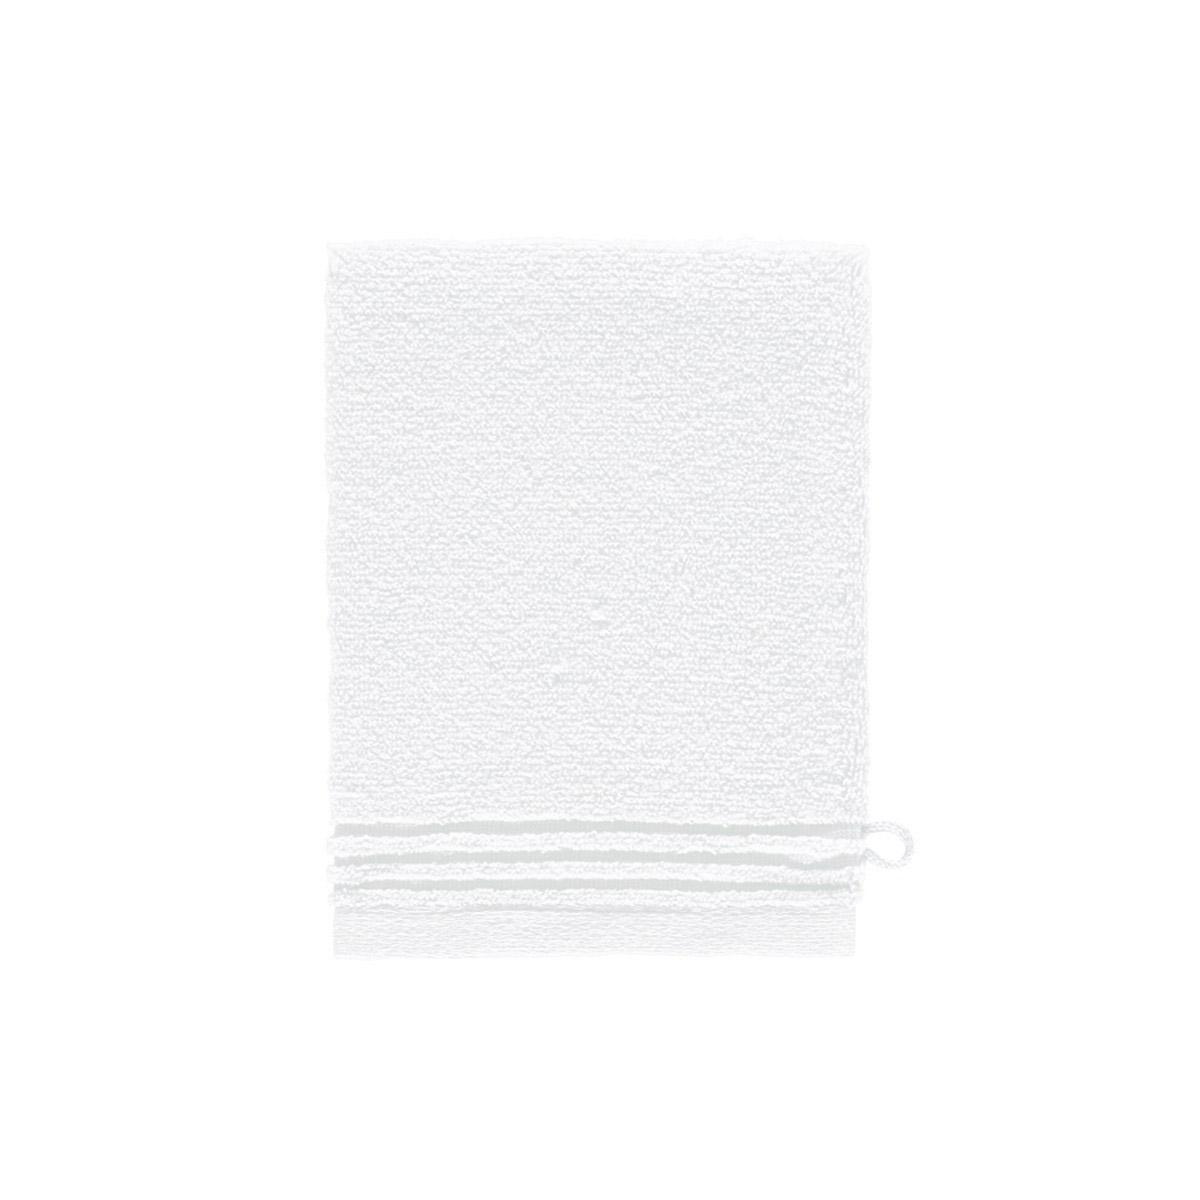 Gant de toilette coton peigné Blanc 15 x 21 cm